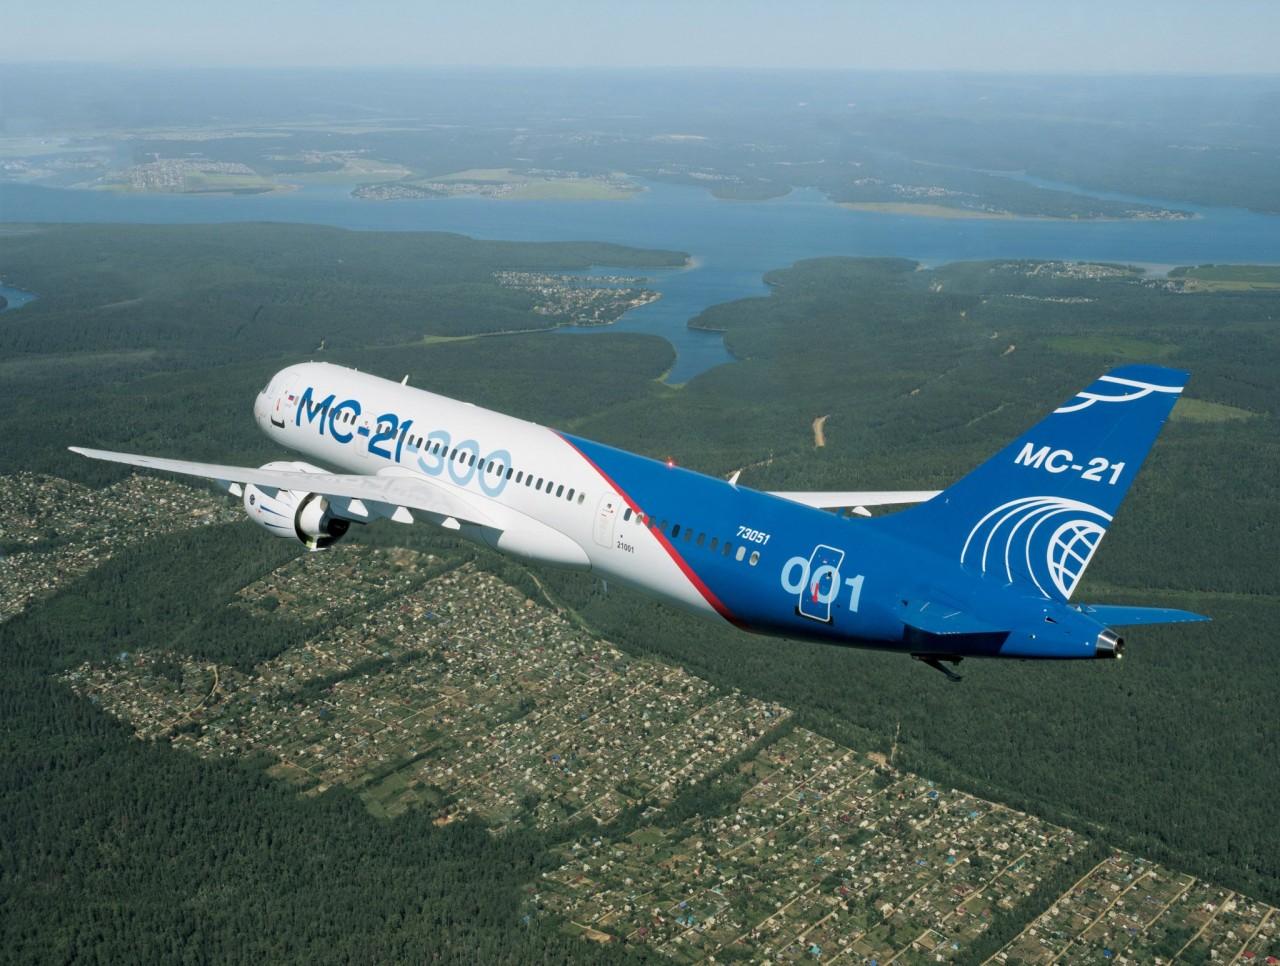 «Аэрофлот» выкупит акции у отказавшихся признать контракт с «Ростехом» на приобретение 50 МС-21